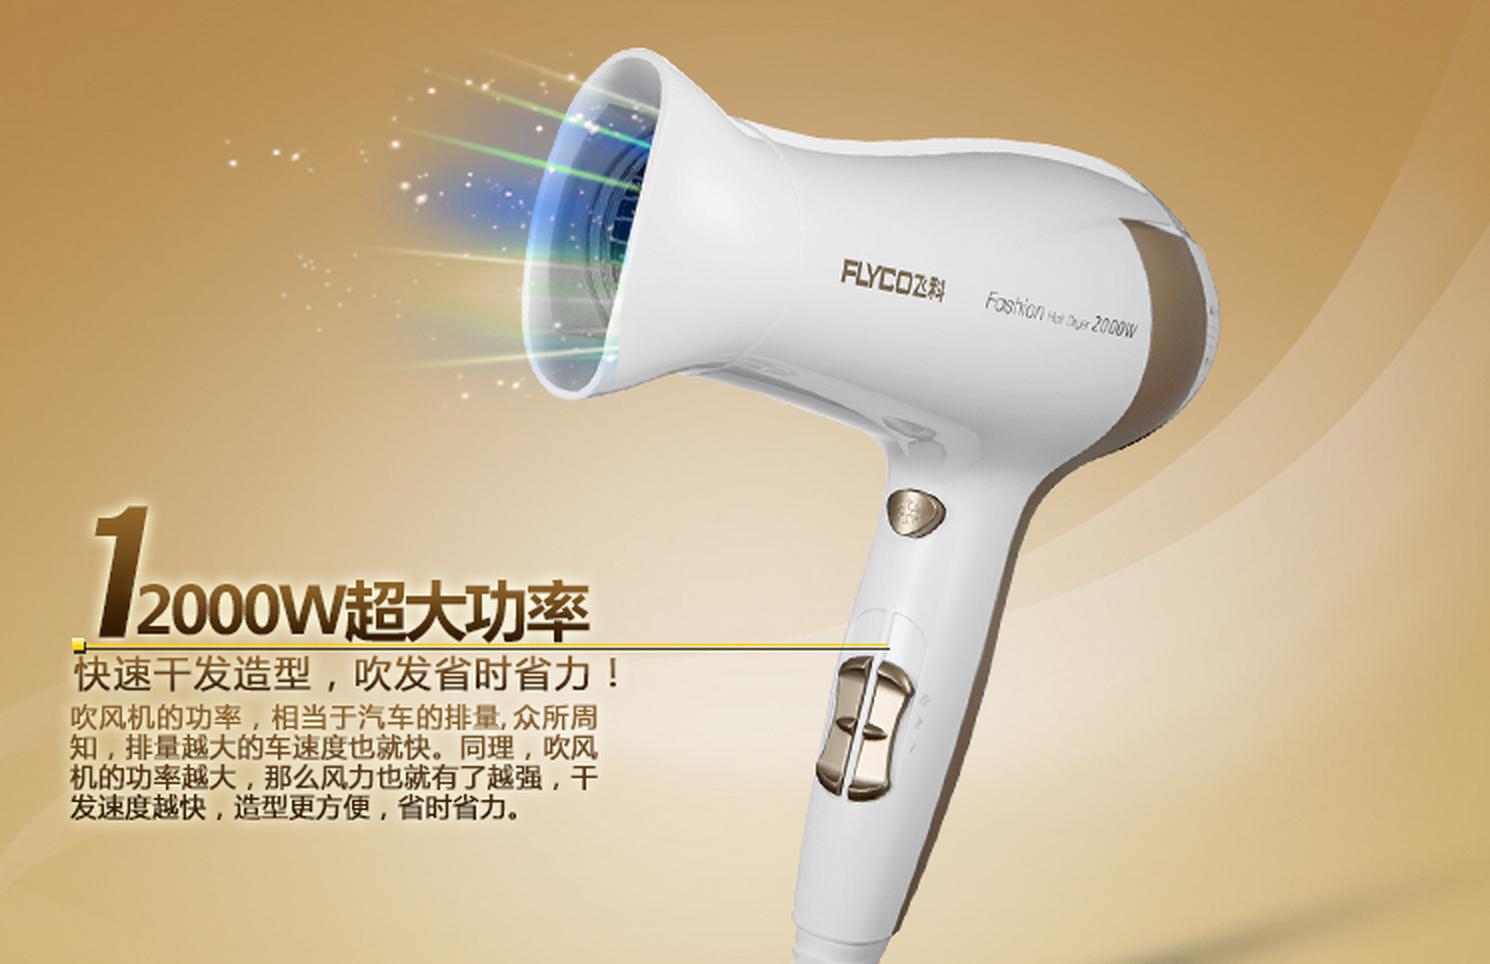 正如你所见,这款飞科大功率电吹风风力强劲,应用全新热量均衡技术,均匀送热风,头发干的更快更护发。防止热力集中,更大干发范围,让头发干的更快,更健康护发。